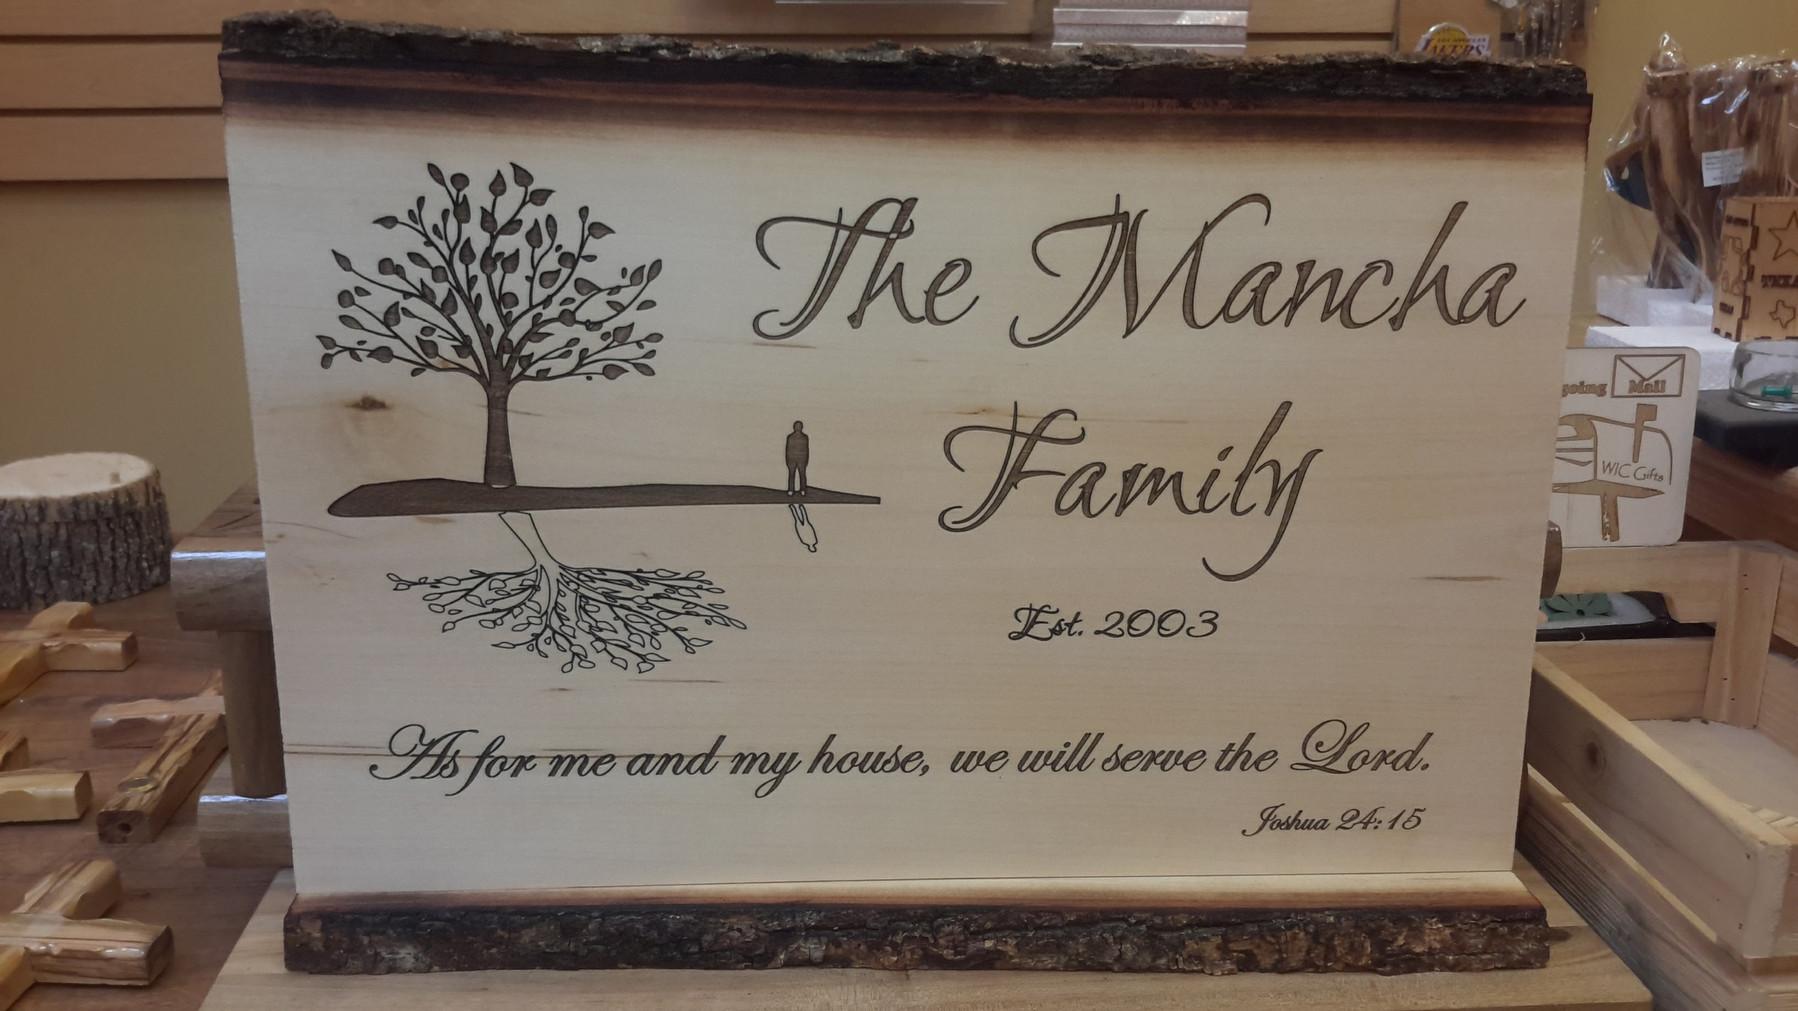 FamilyName-NameEstPlaqueWithTree6.jpg